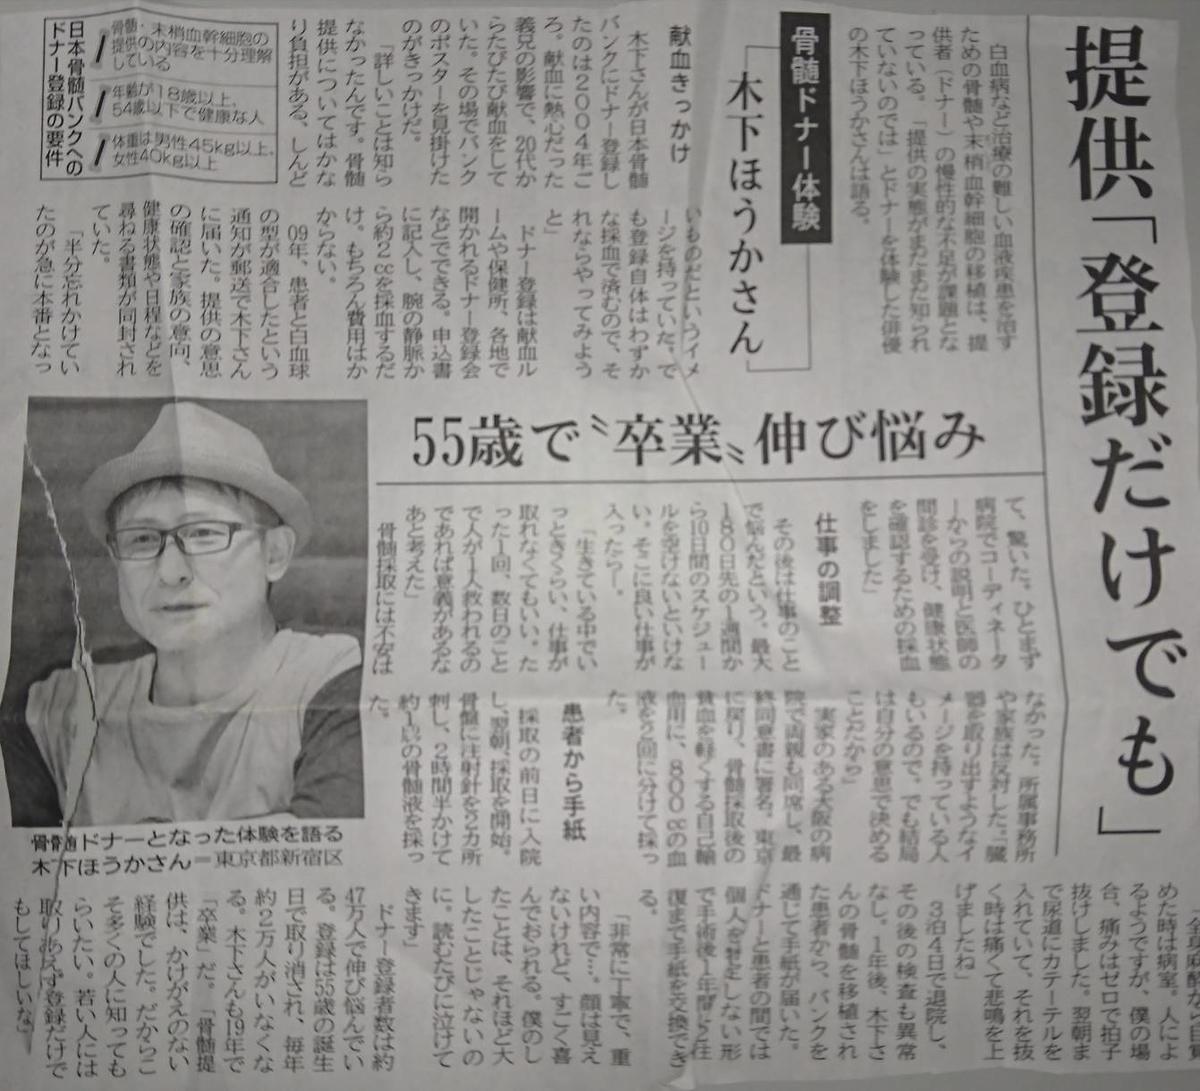 f:id:kazura-kobayashi:20200506173907j:plain